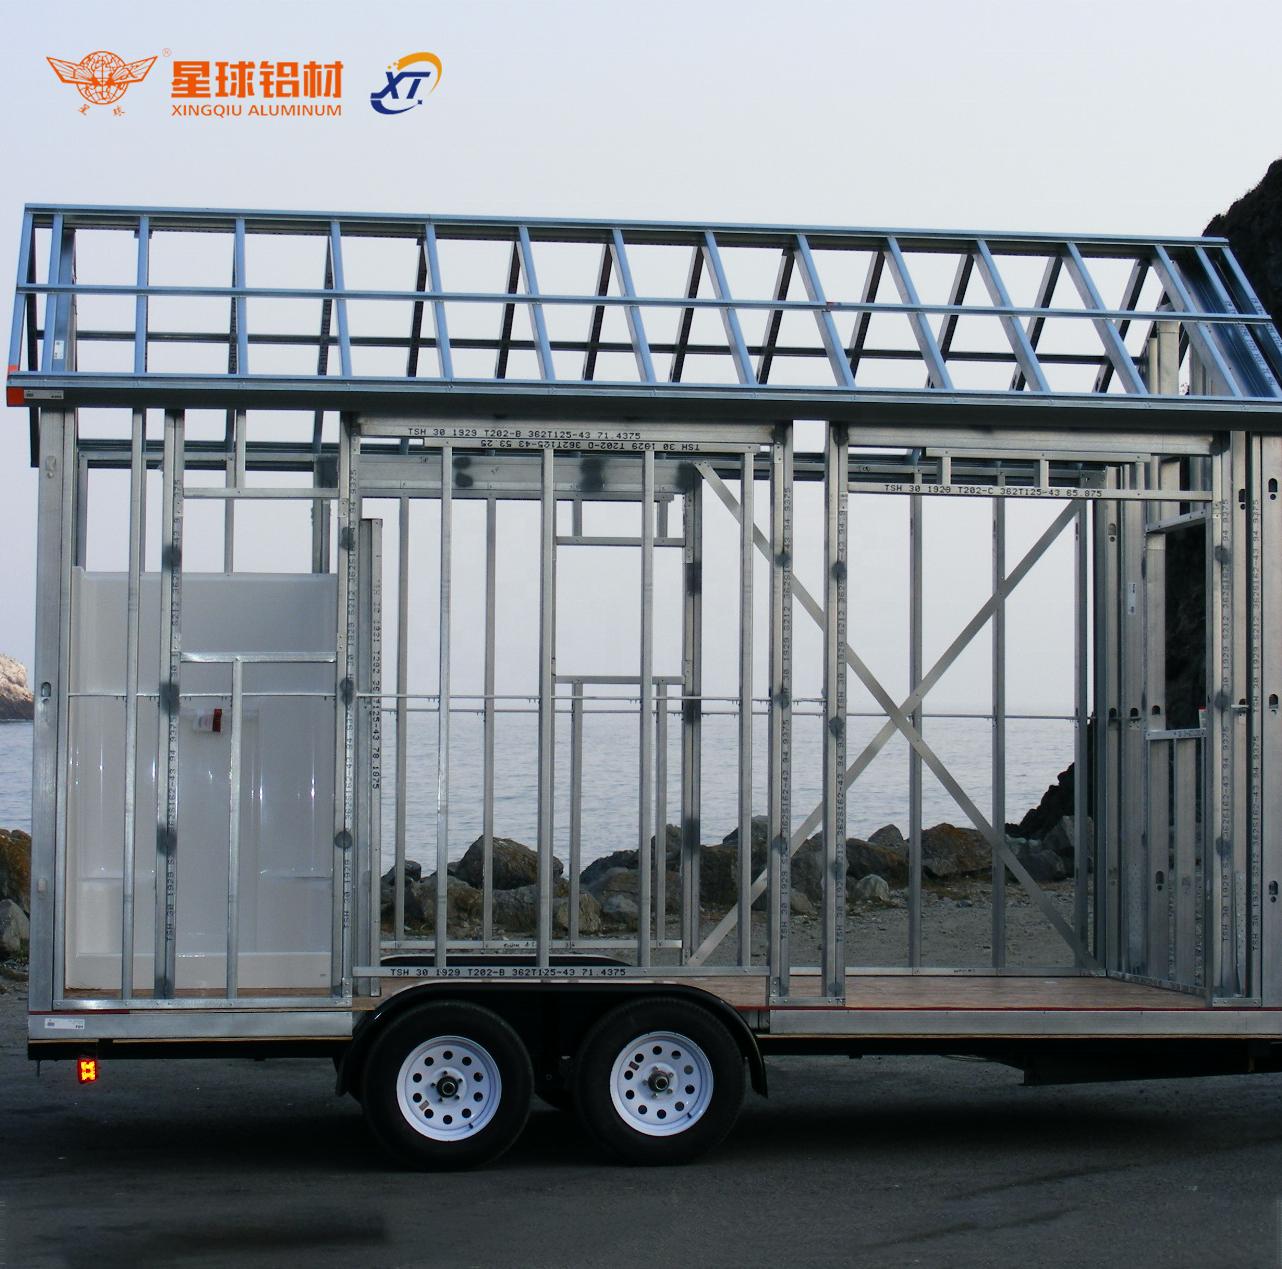 Алюминиевые композитные пластиковые панели для дорожного прицепа, алюминиевая облицовочная рама и алюминиевая облицовочная рама для трейлера